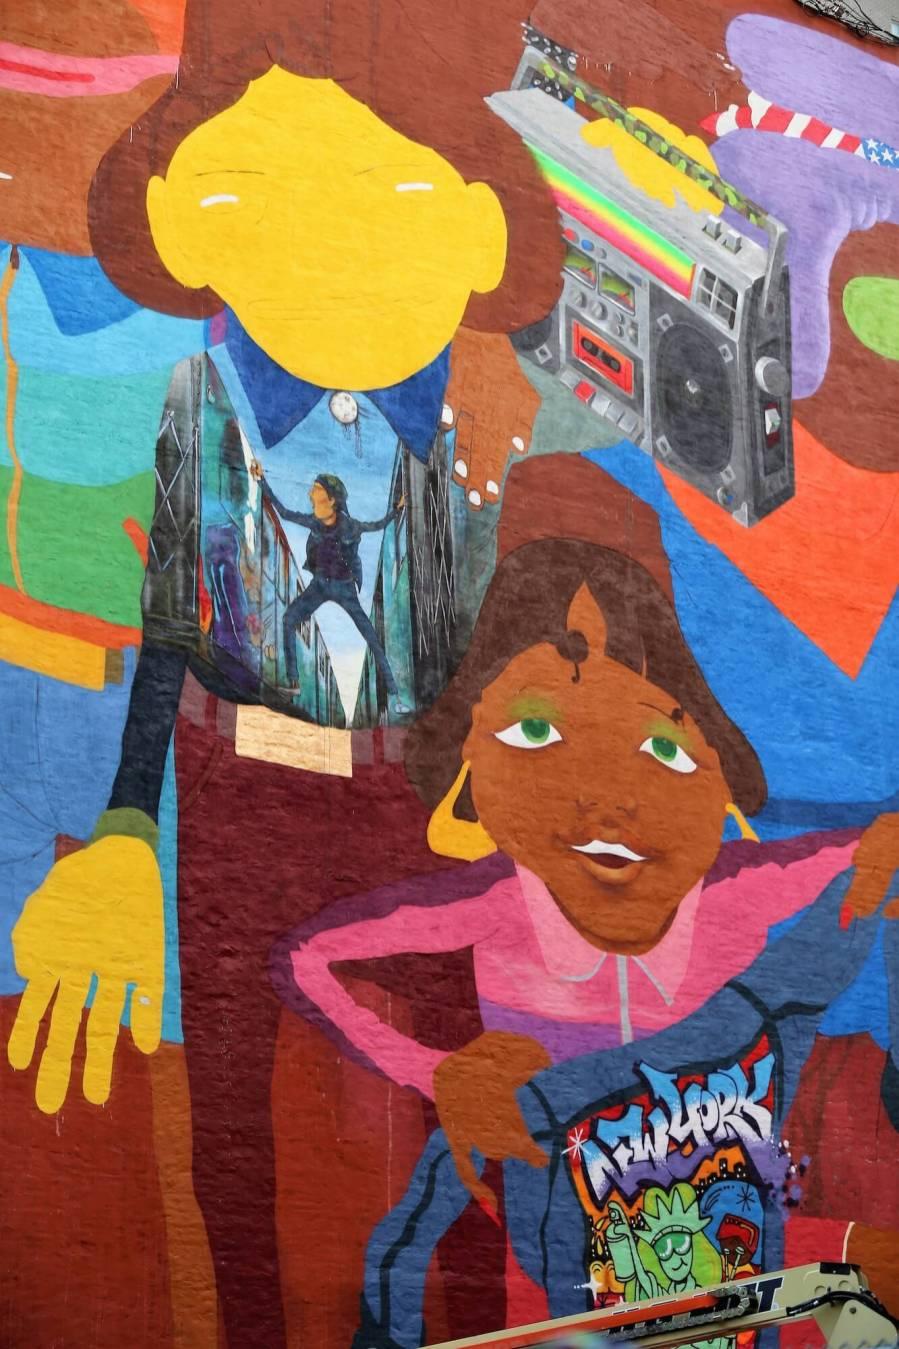 os-gemeos-new-york-graffiti-street-art-hip-hop-martha-cooper-pc-just-a-spectator-18